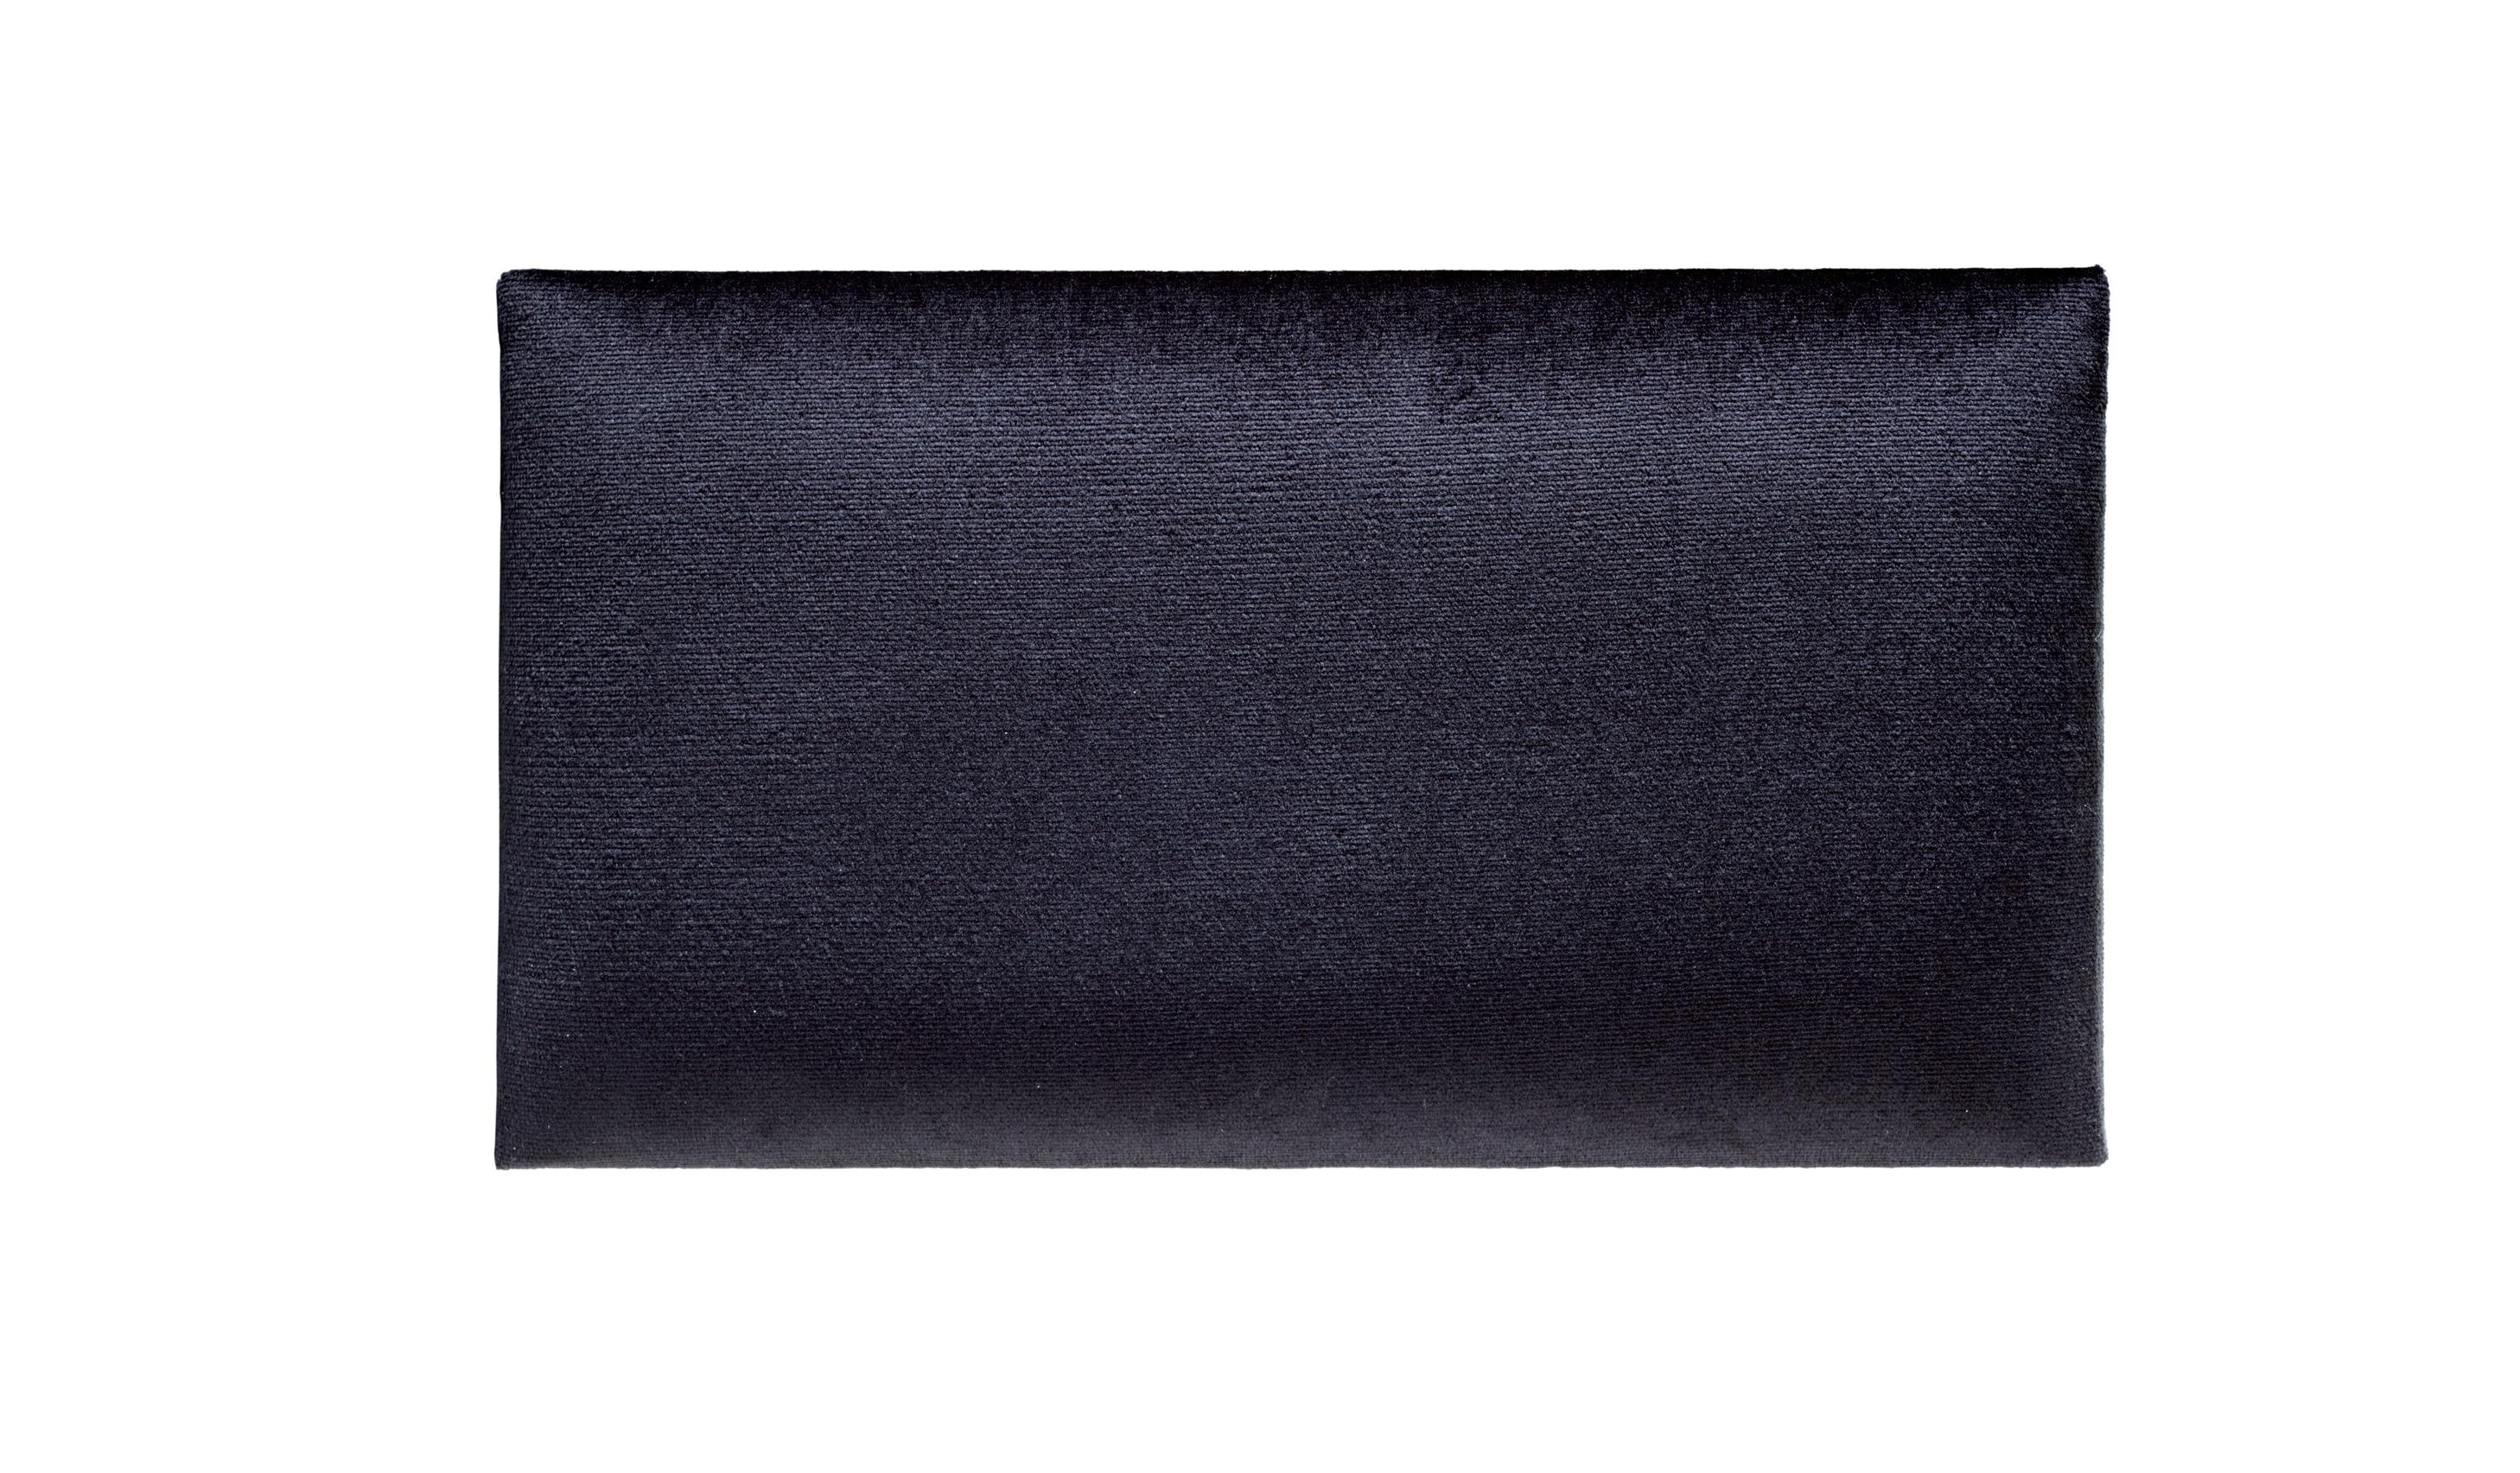 Image of   K&M sædepolster til 13700 > 13751, sort fløjl